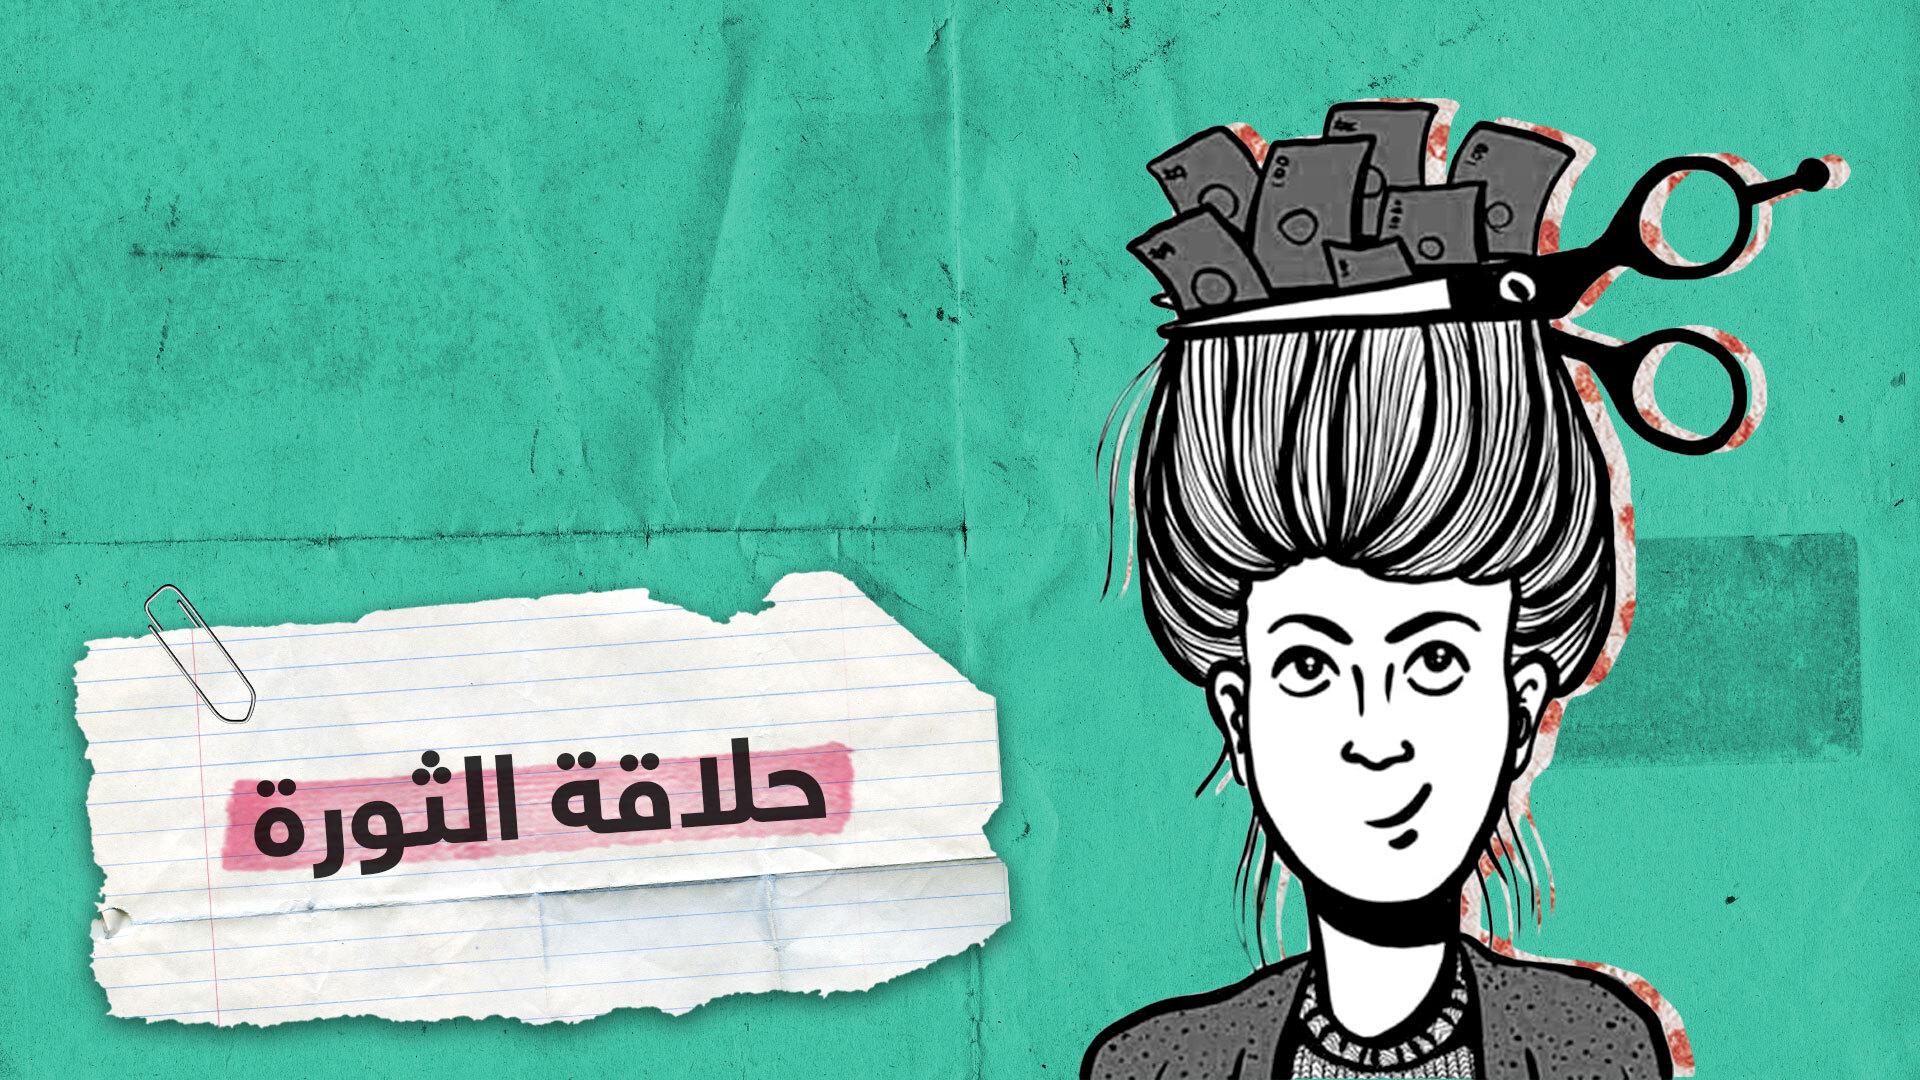 حملة للحلاقة المجانية في لبنان دعما لحراك الشارع ضد الحكومة وسياساتها